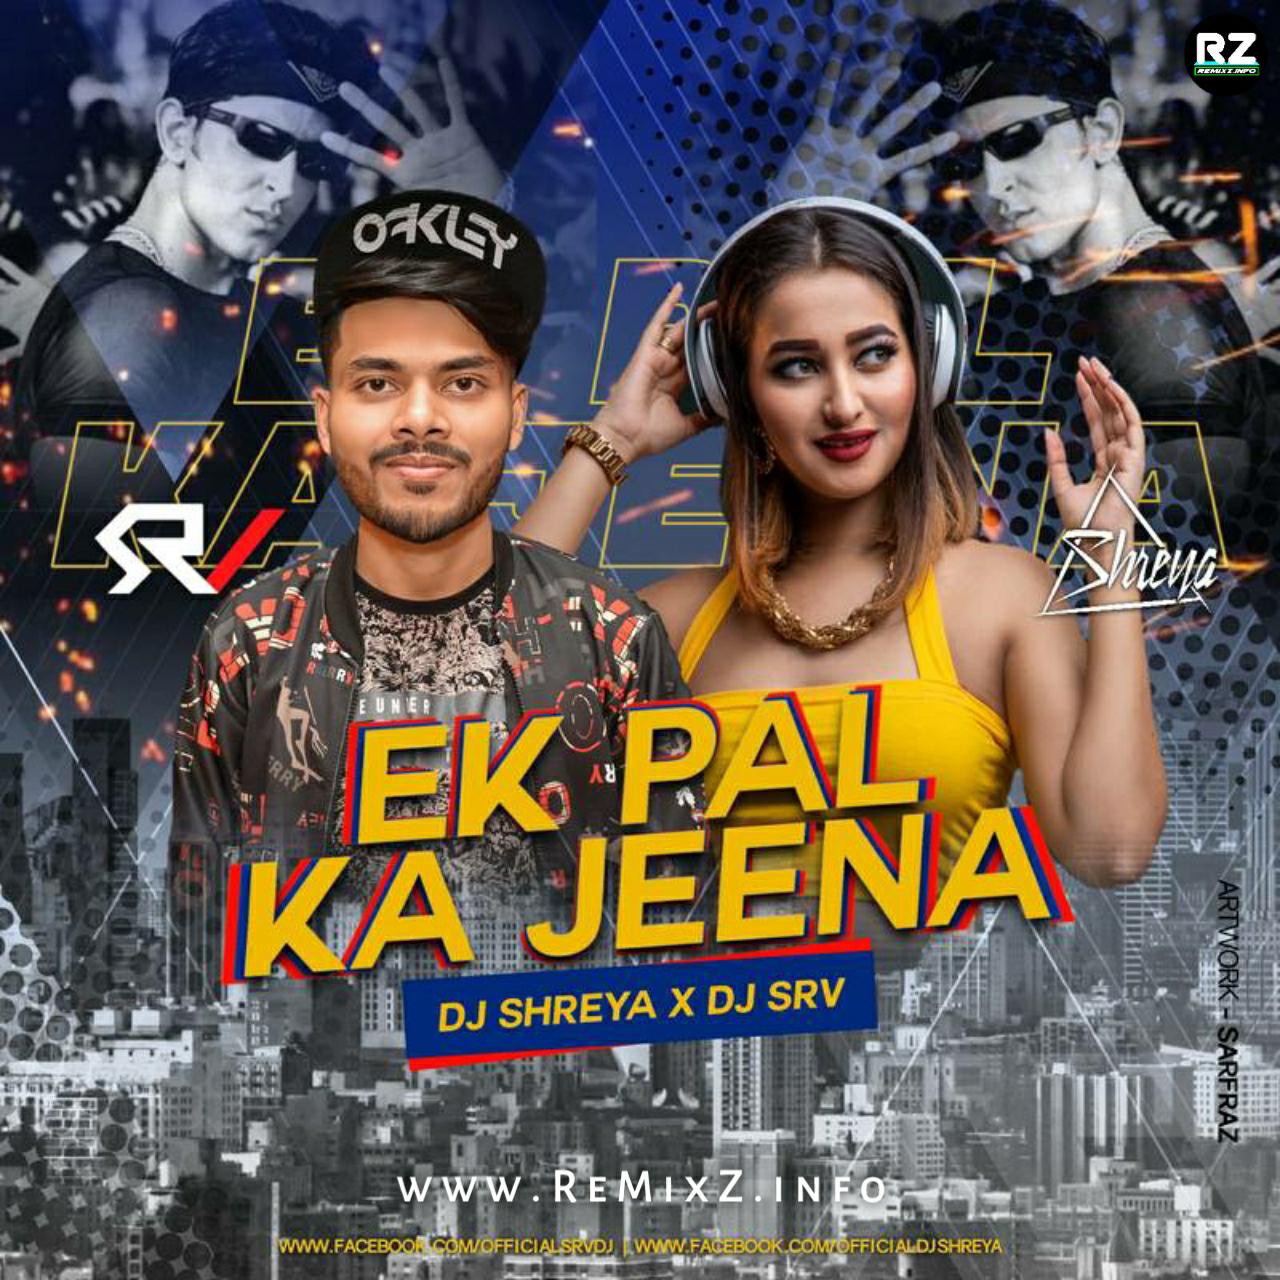 Ek-Pal-Ka-Jeena-Remix-DJ-SHREYA-X-DJ-SRV.jpg